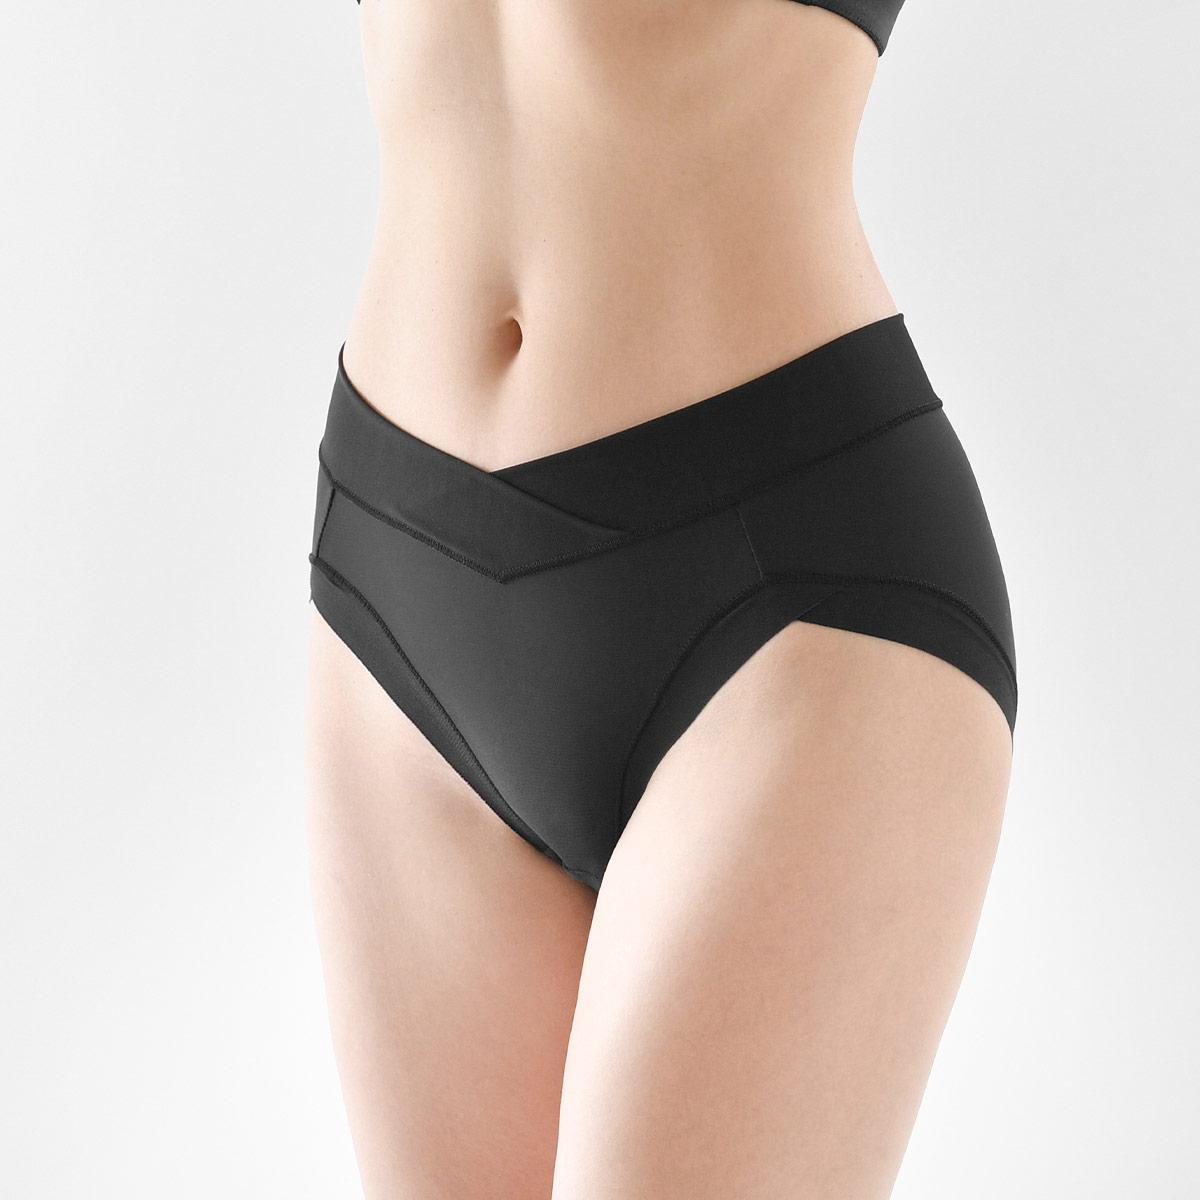 光電子 光電子繊維 インナー レディース 肌着 敏感肌 吸水性 放湿性 肌触り 年中 快適 国産 日本製 天然素材